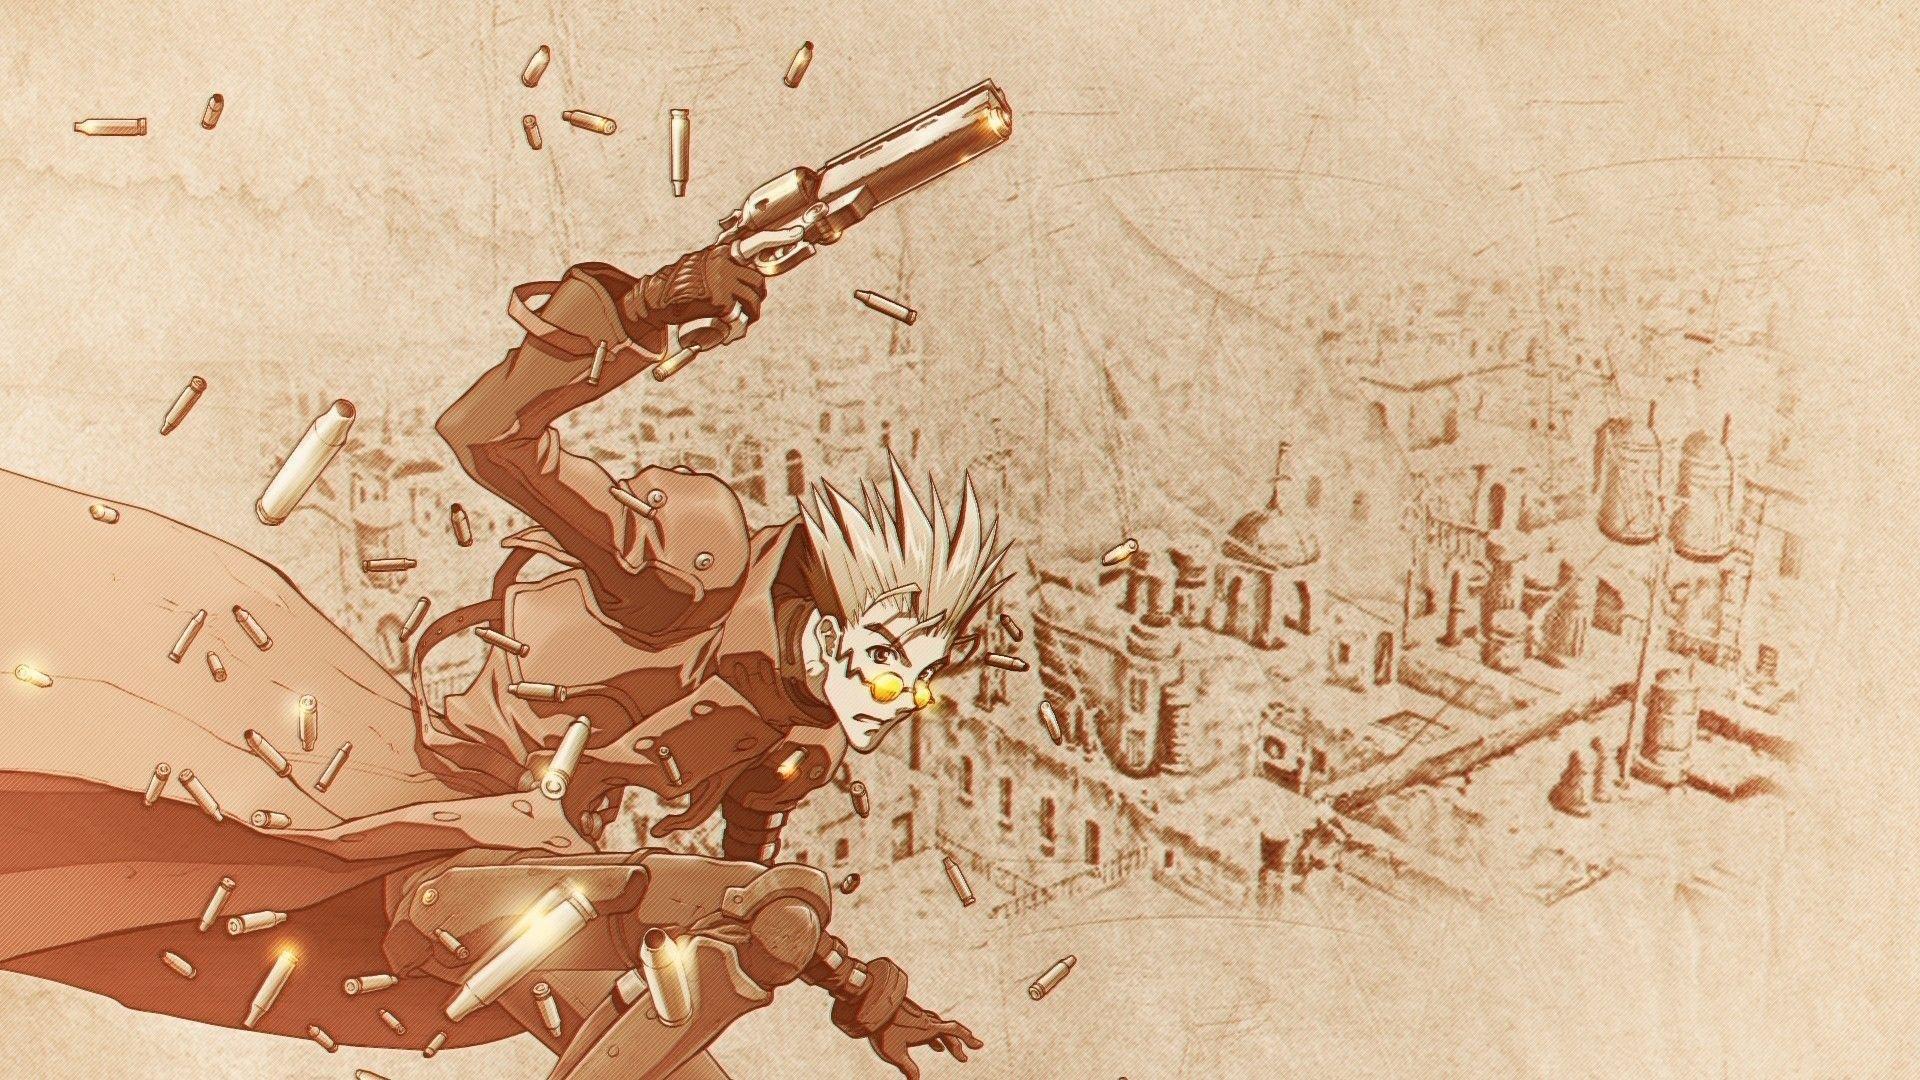 Trigun Wallpaper Full HD